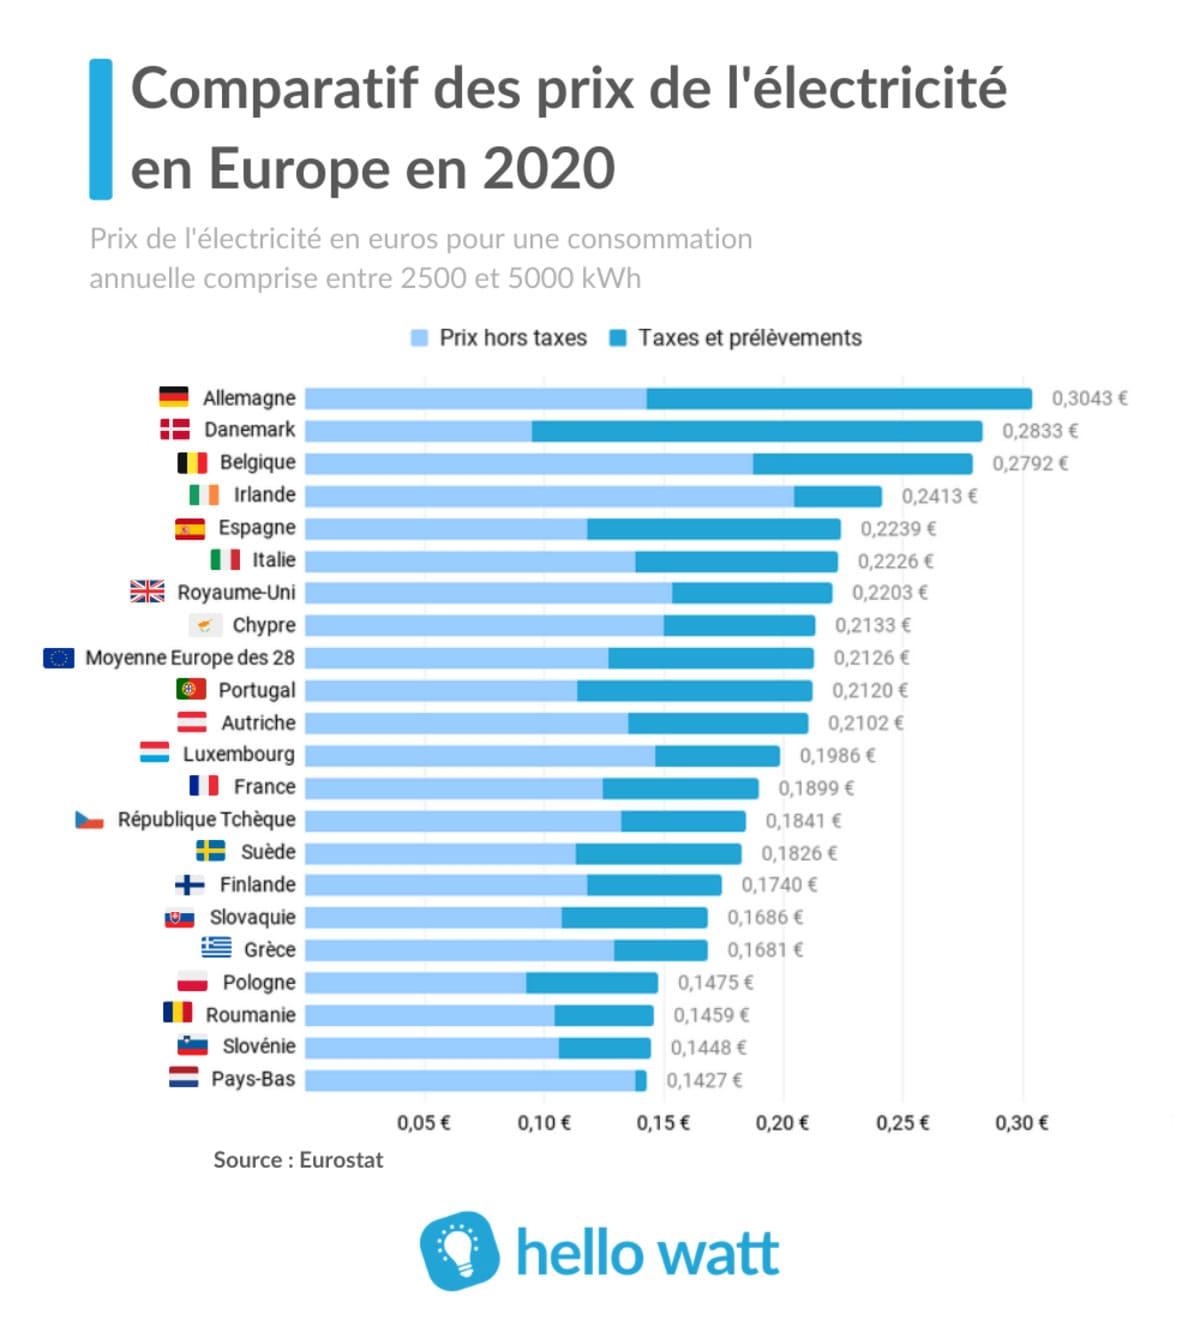 Comparatif prix électricité en Europe 2020